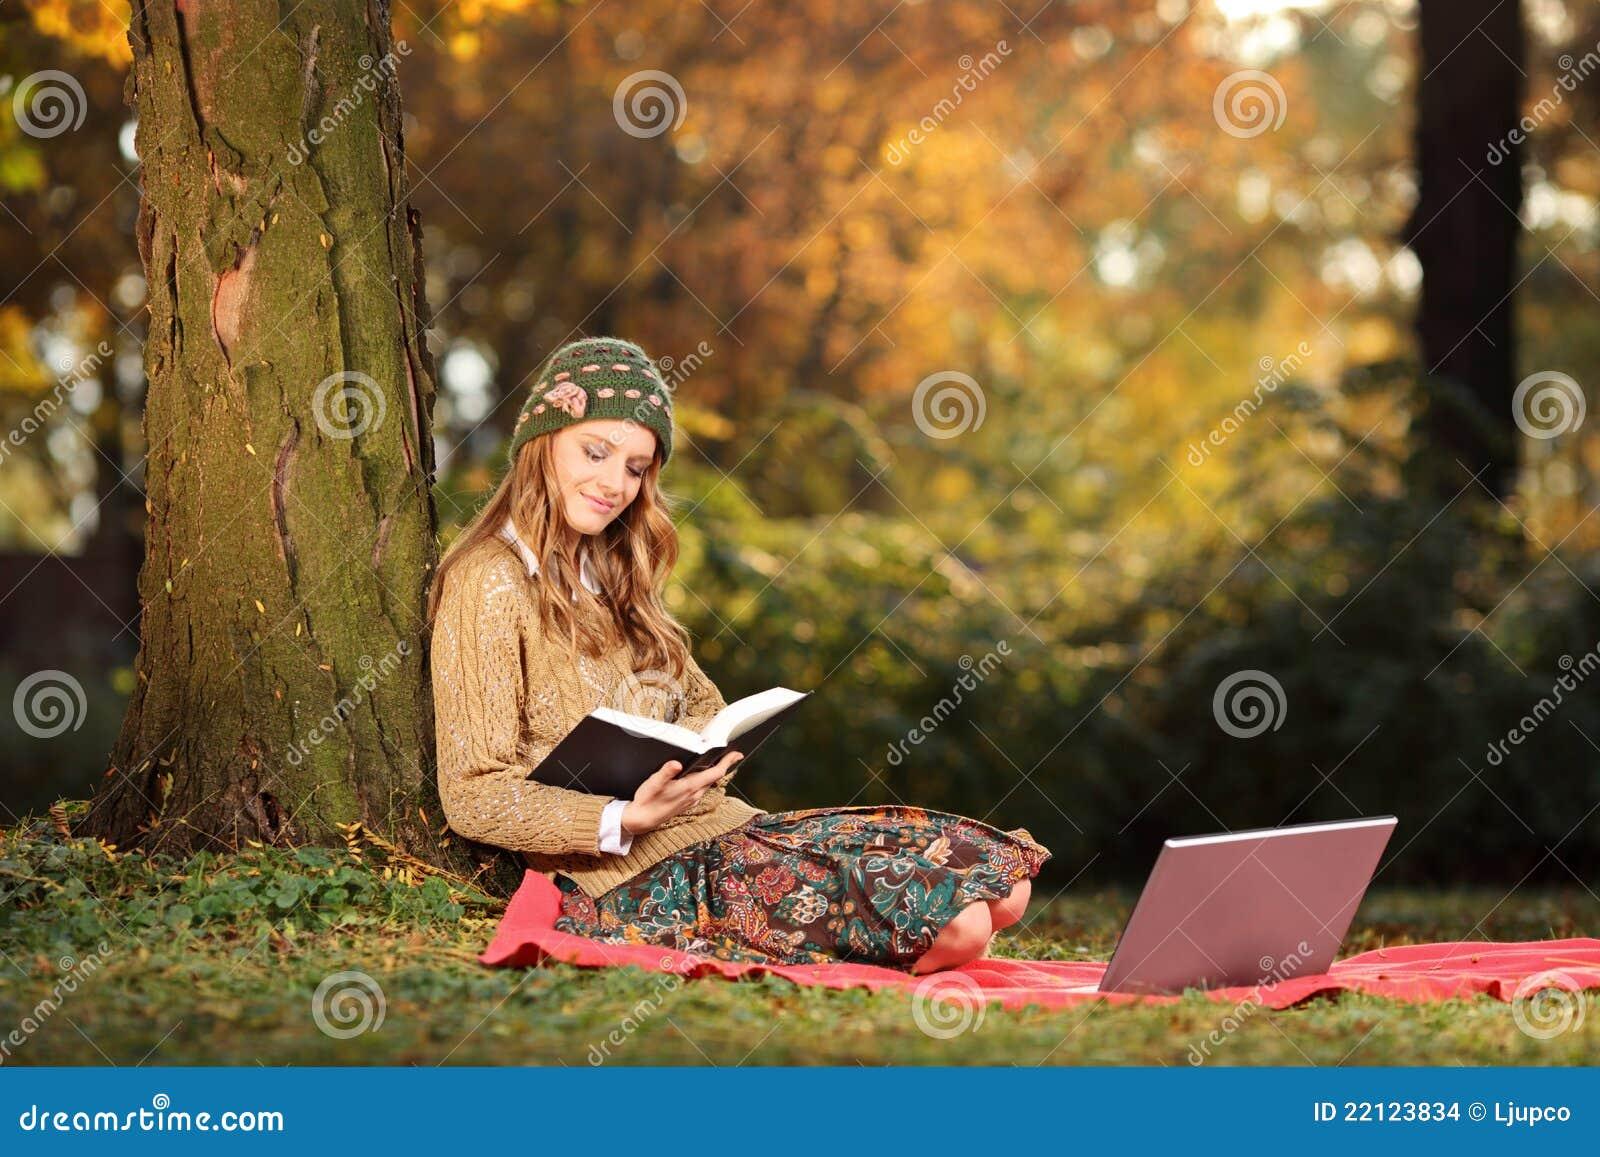 Giovane donna che legge un libro in una sosta fotografia for Foto di un libro